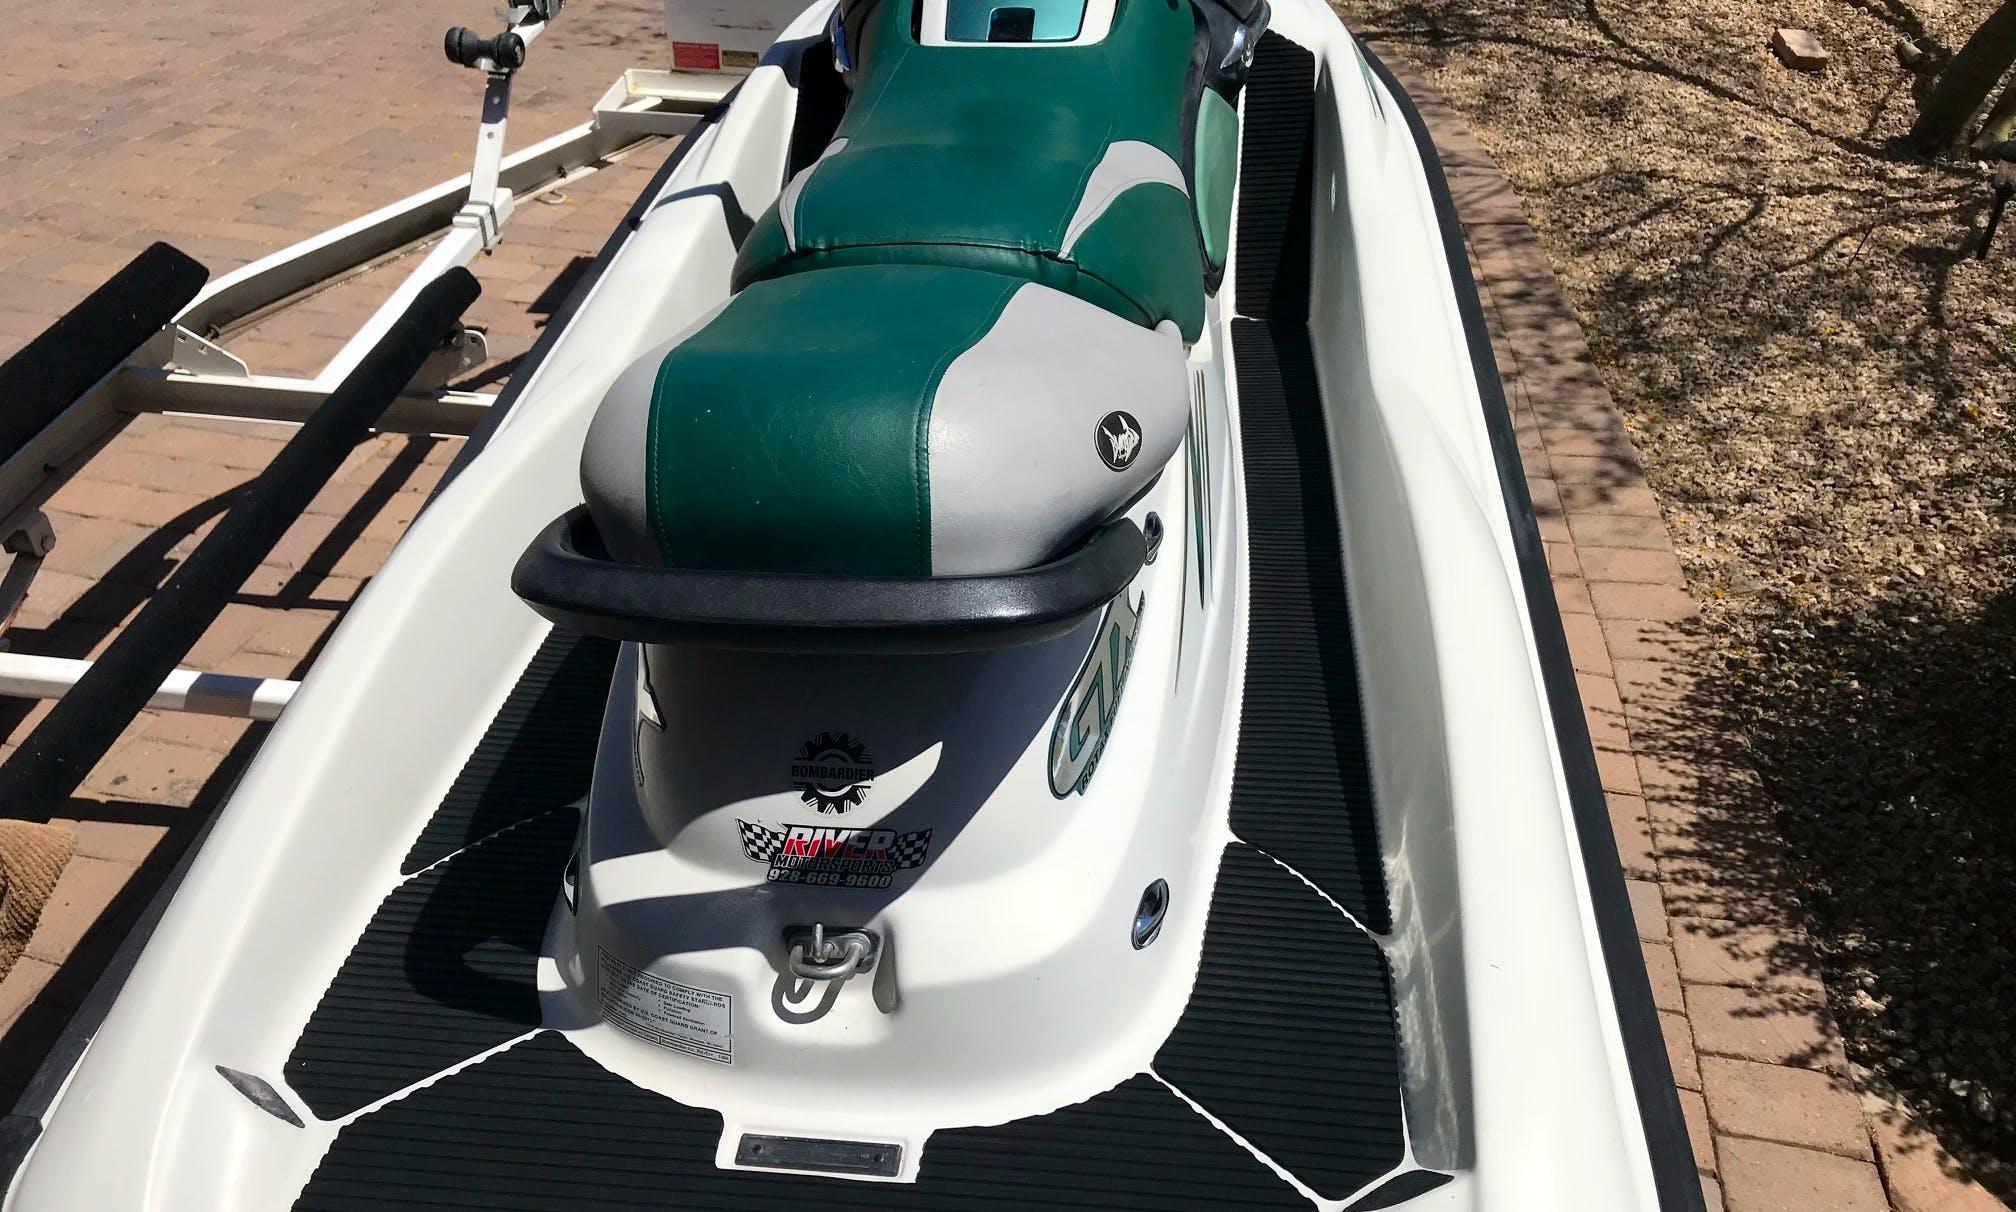 2 Jet Ski w/ Trailer in Mesa